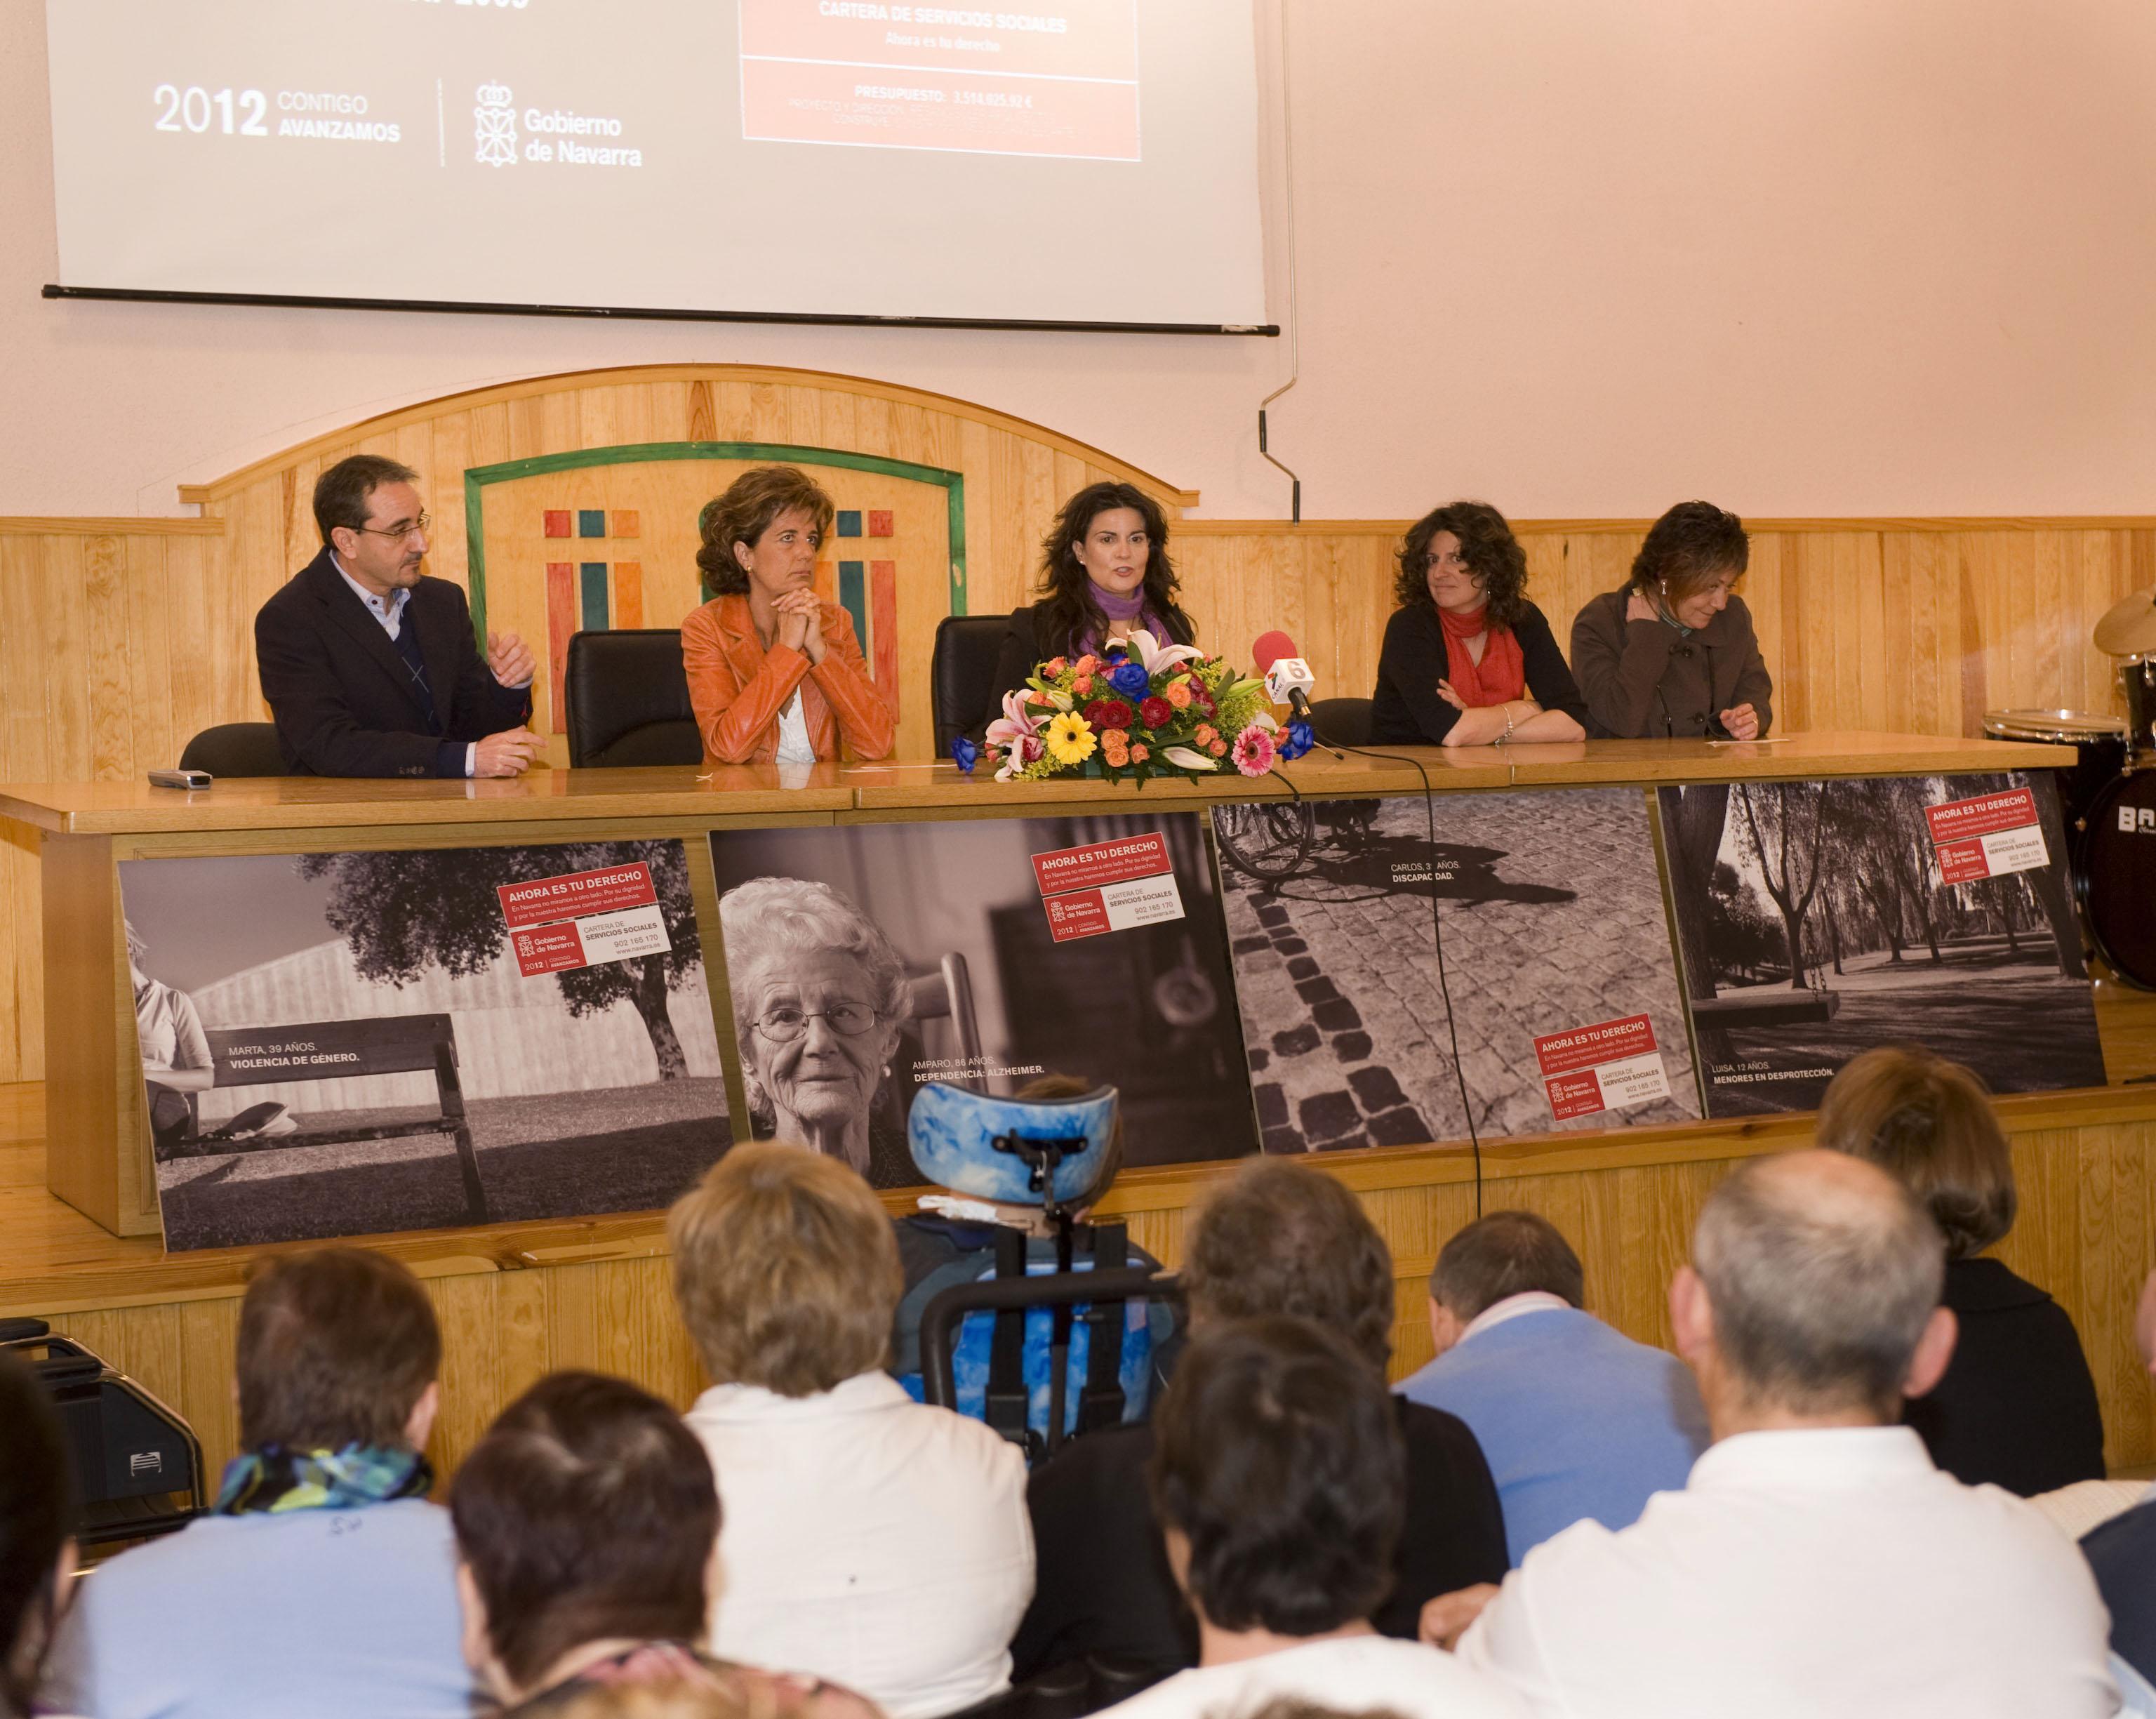 010409 Oncineda visita Diputación